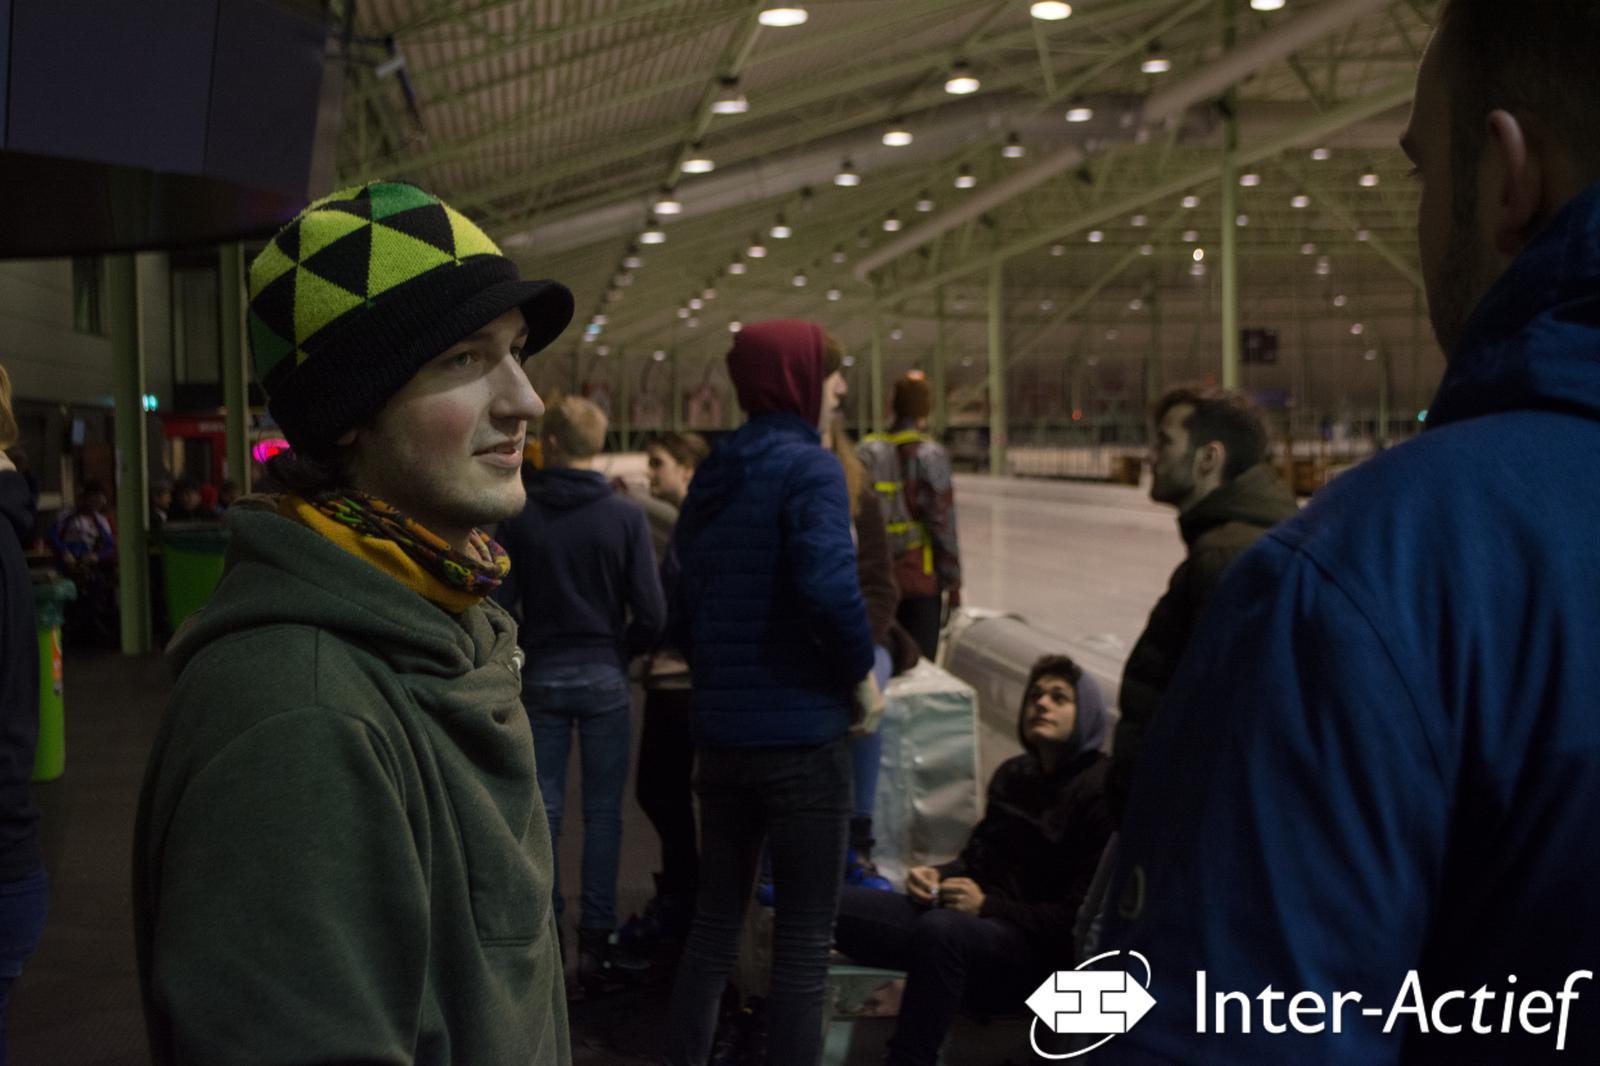 IceSkating20200116_NielsdeGroot-40.jpg